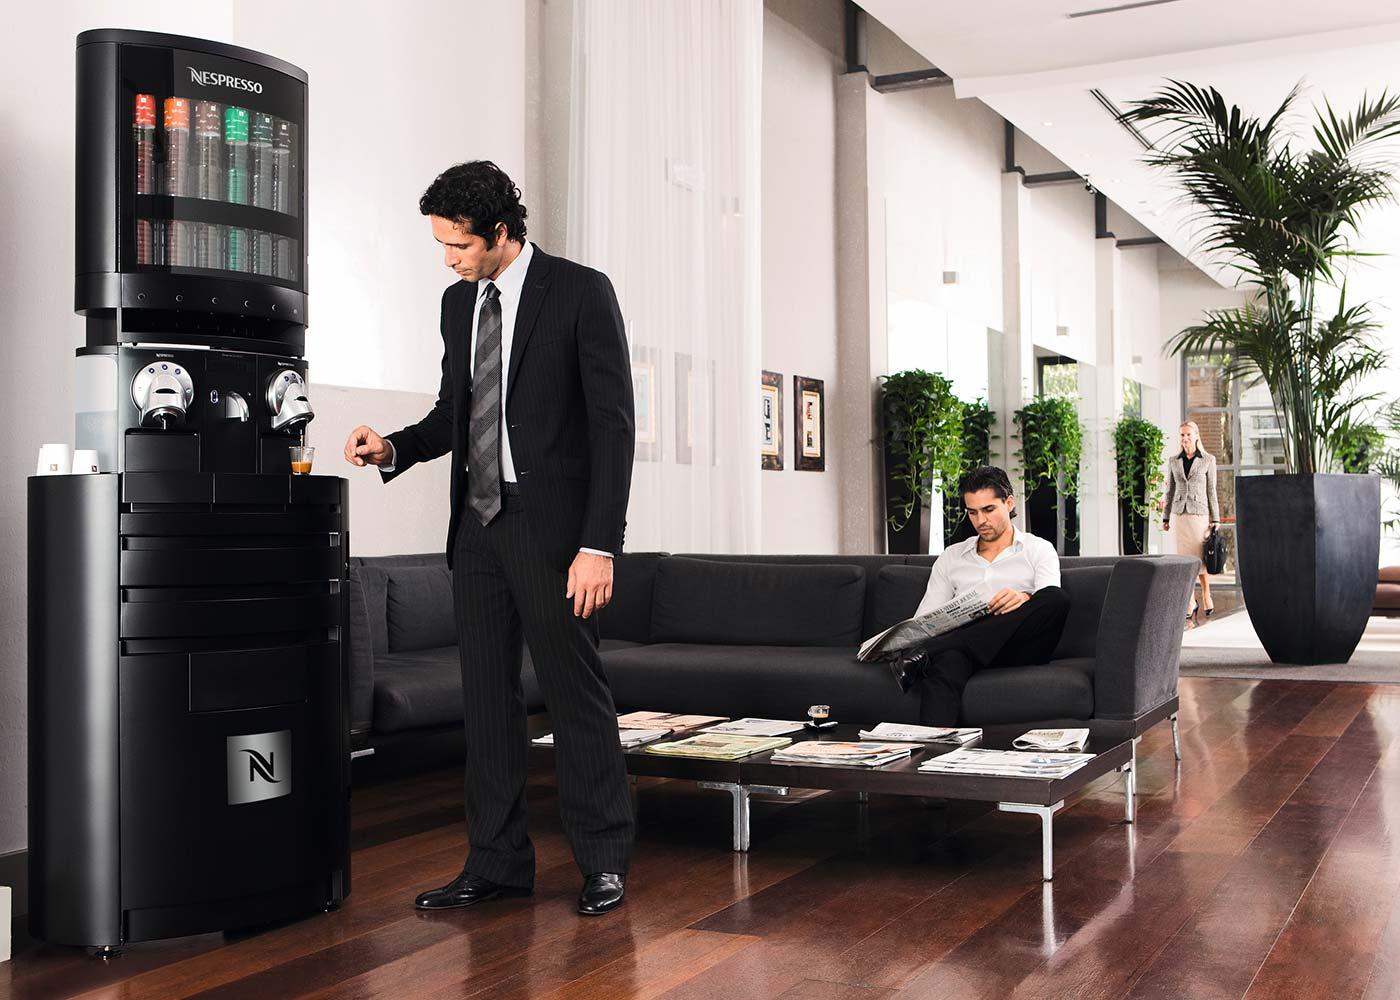 nespresso-tower-scene1.jpg